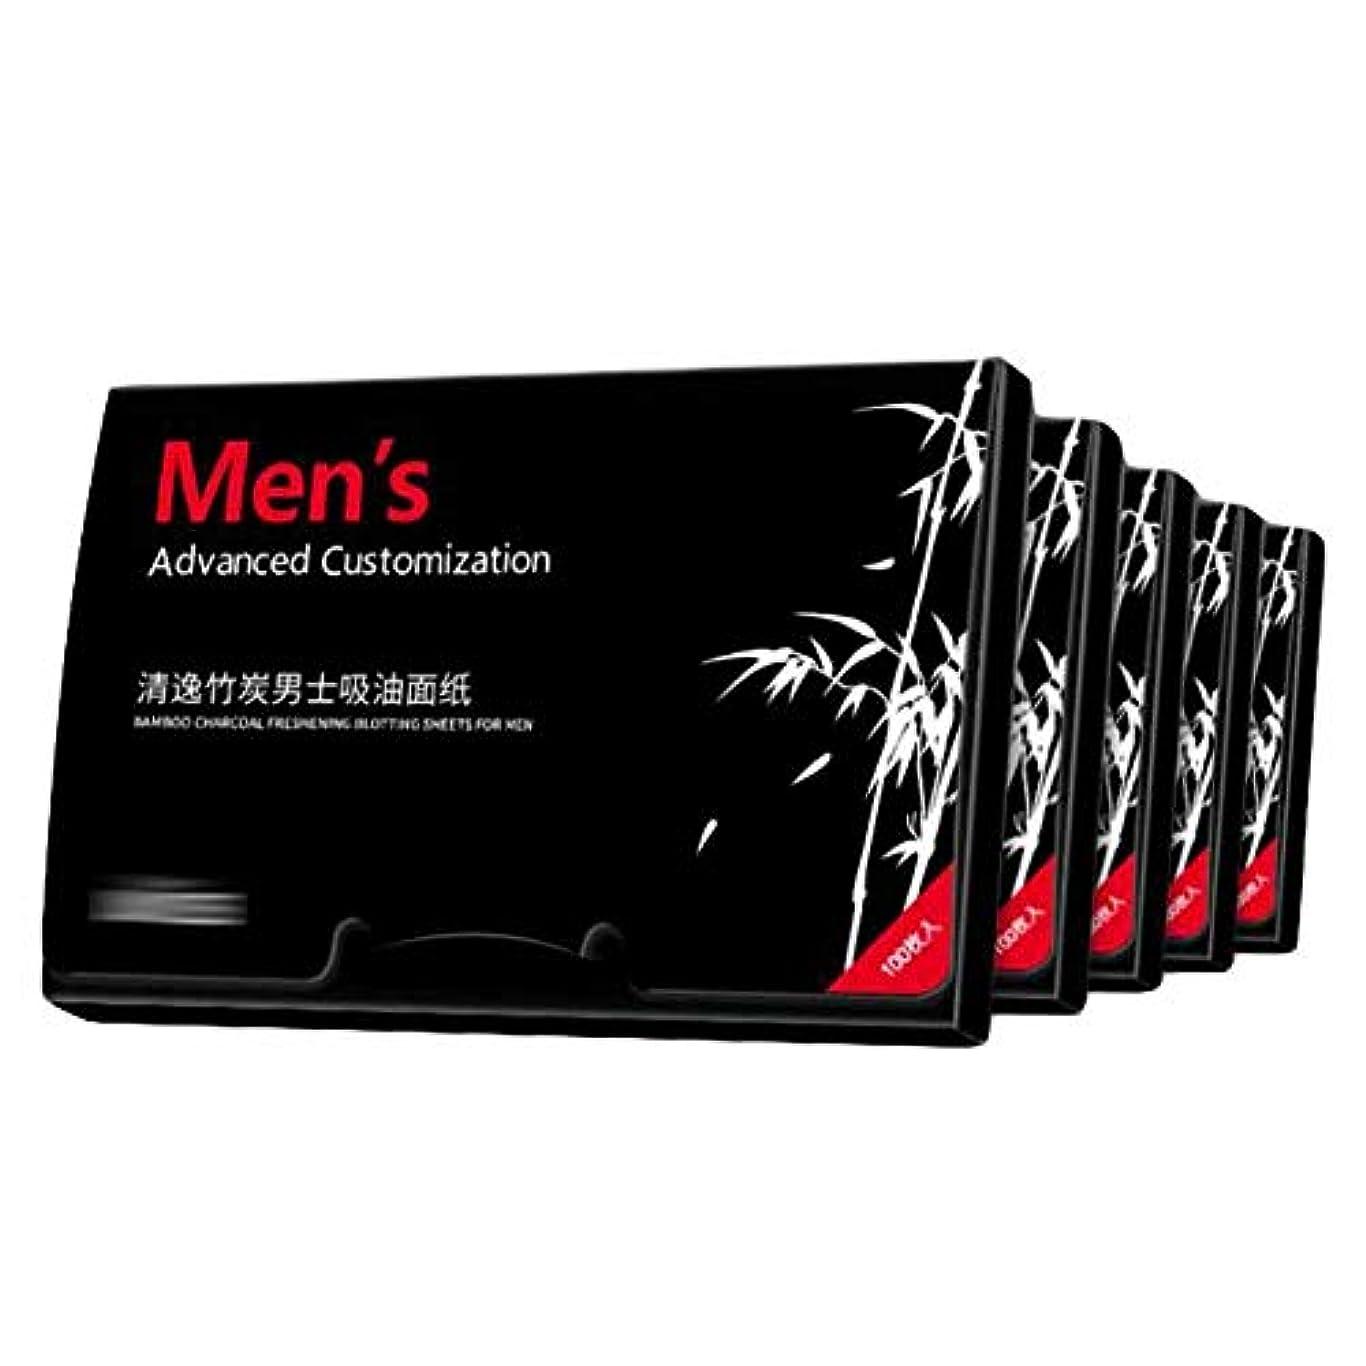 ファセットアメリカ社説男性竹炭夏吸油紙、500枚